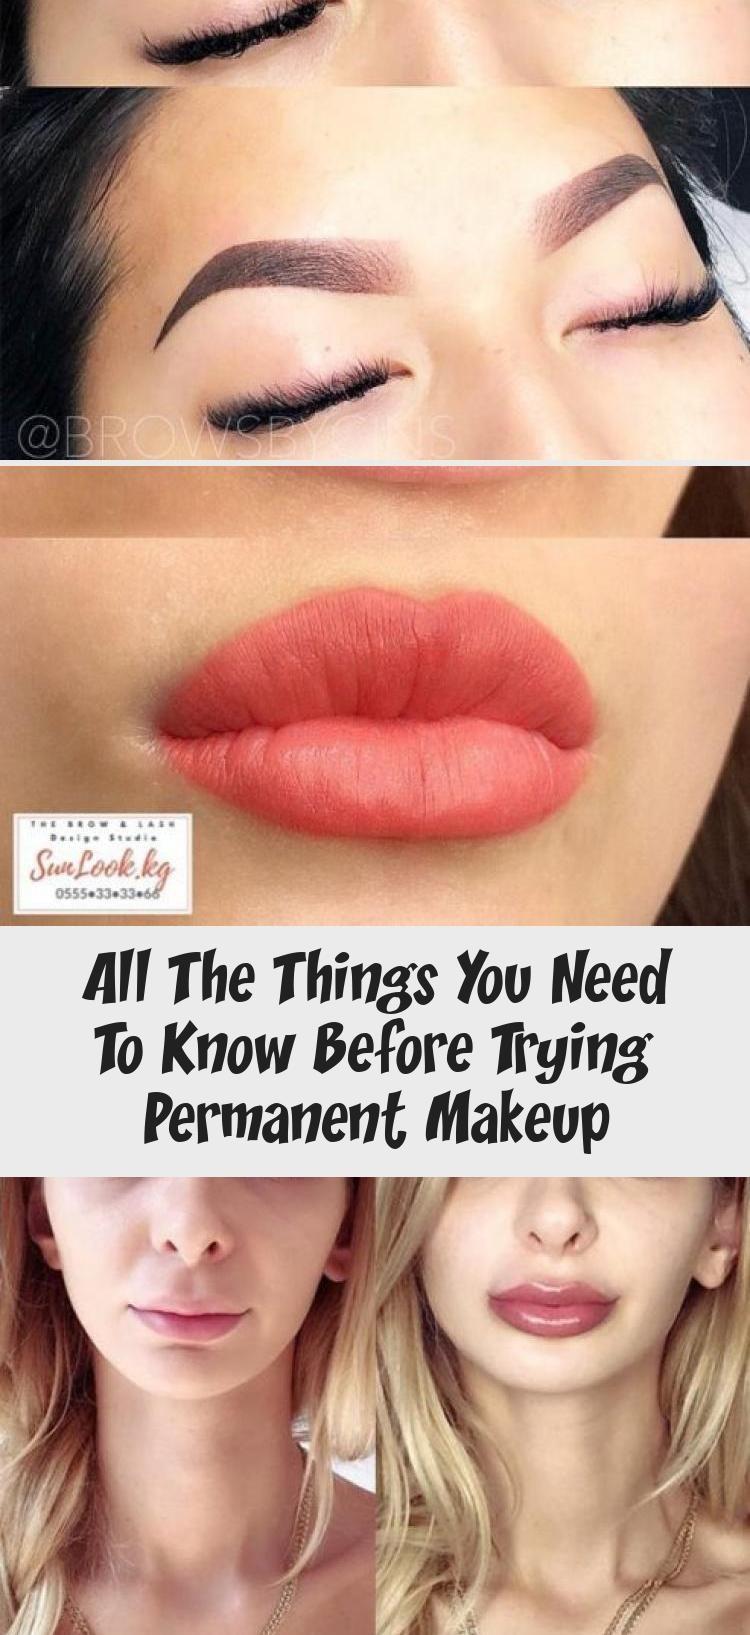 permanentmakeup aftercare Permanent makeup, Cosmetics